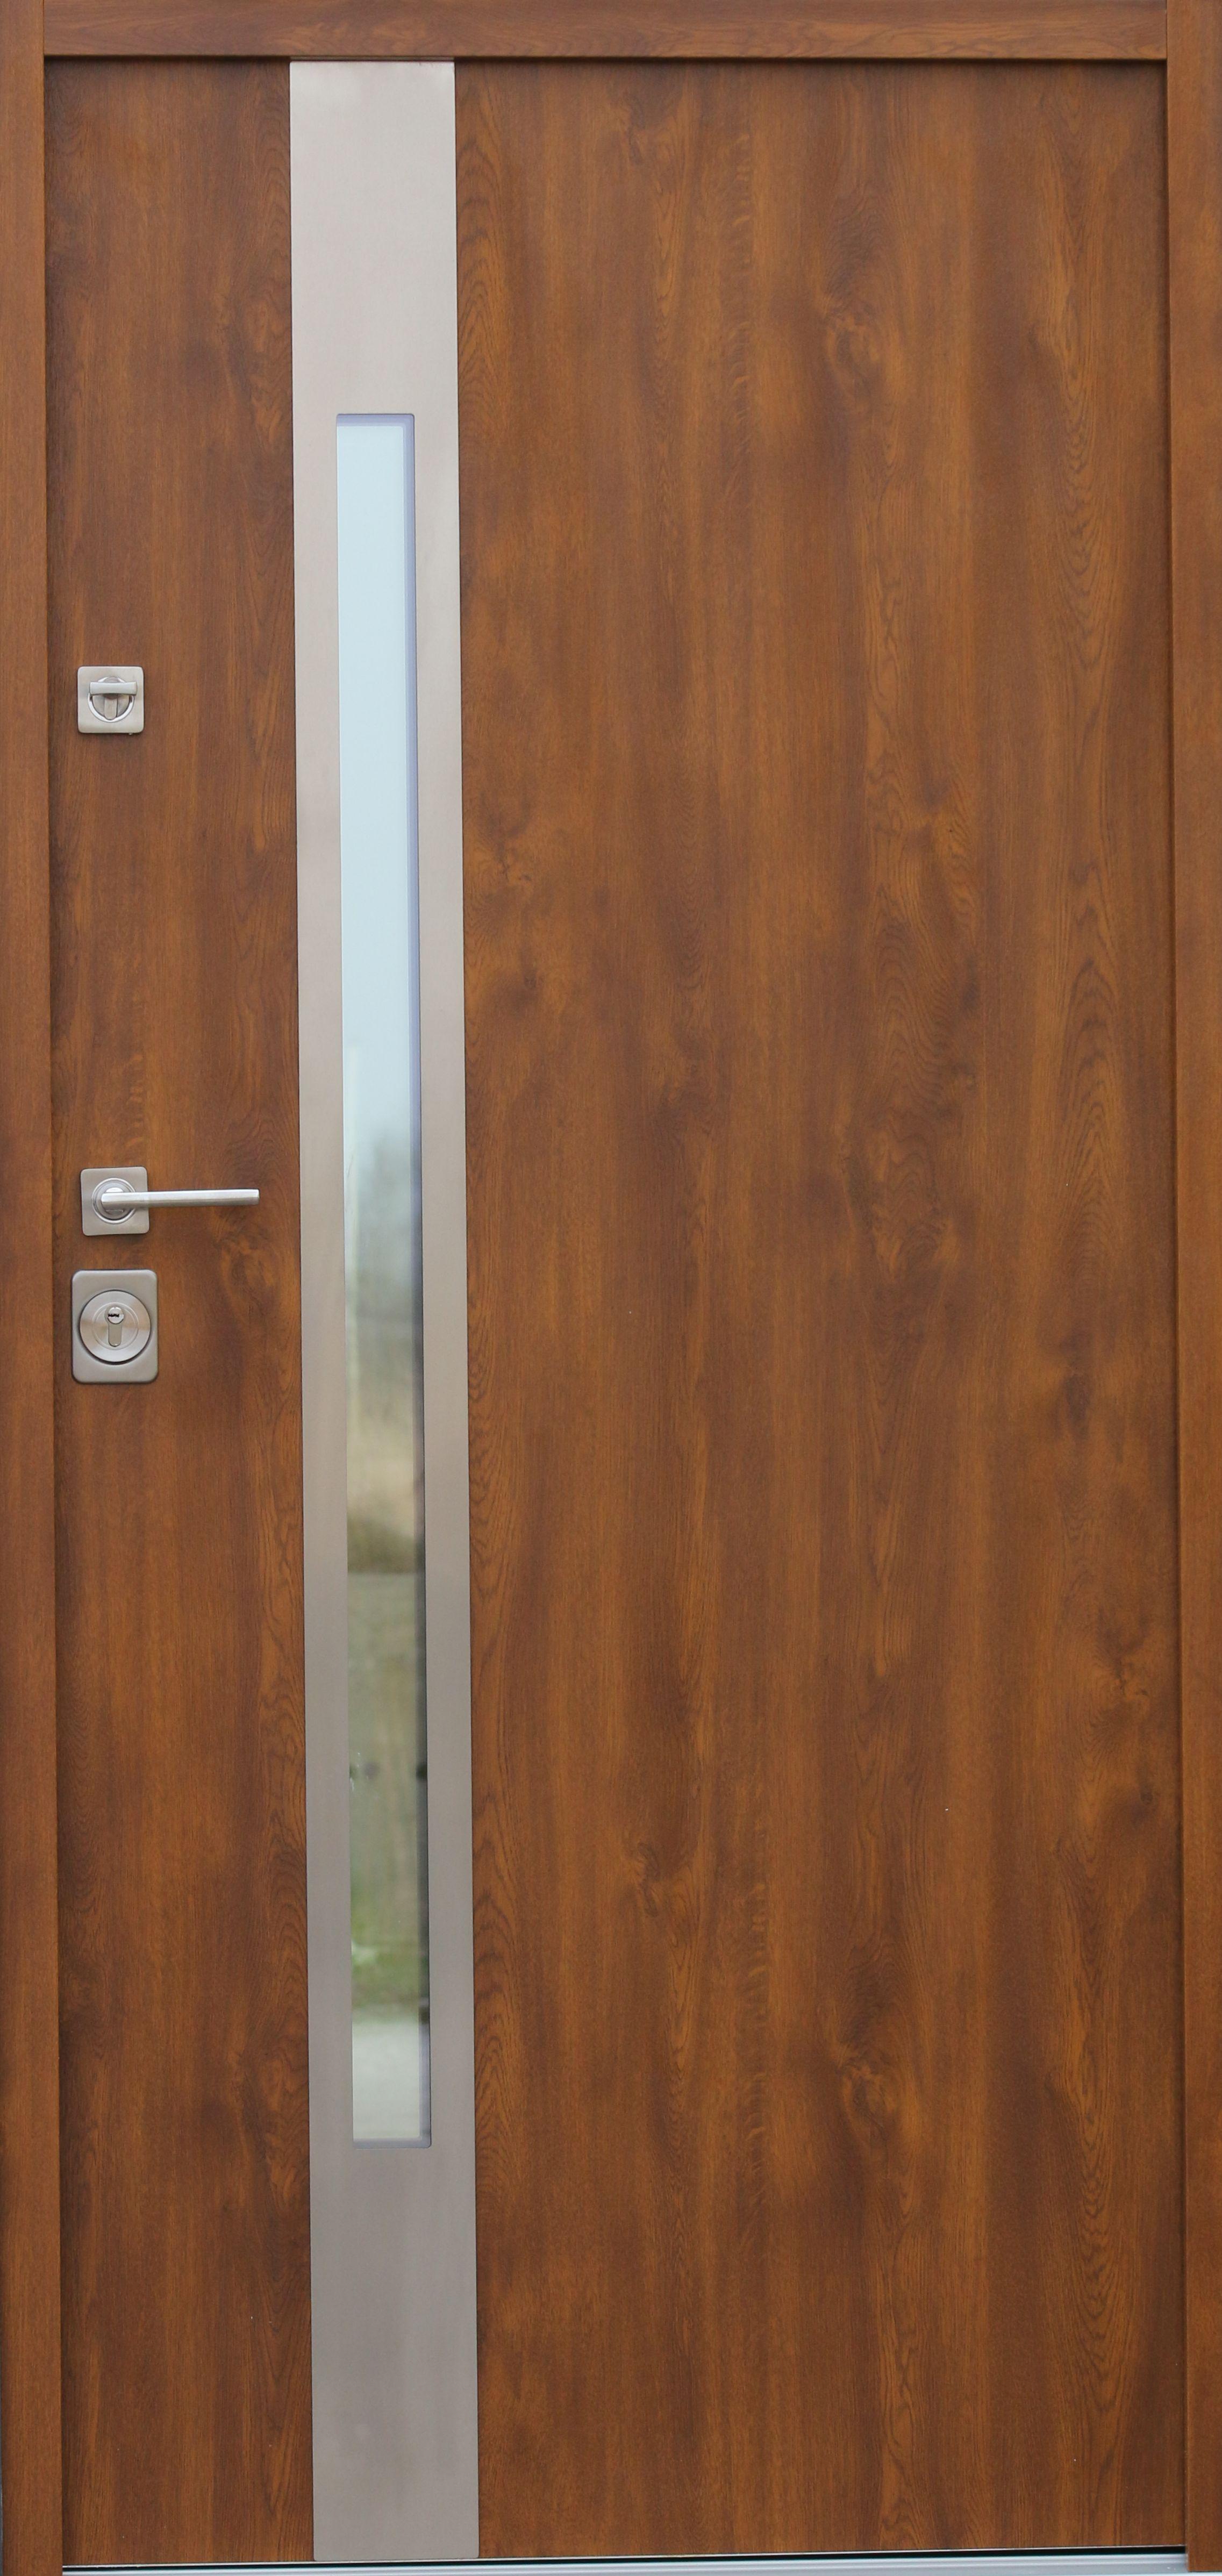 új biztonsági ajtók 8